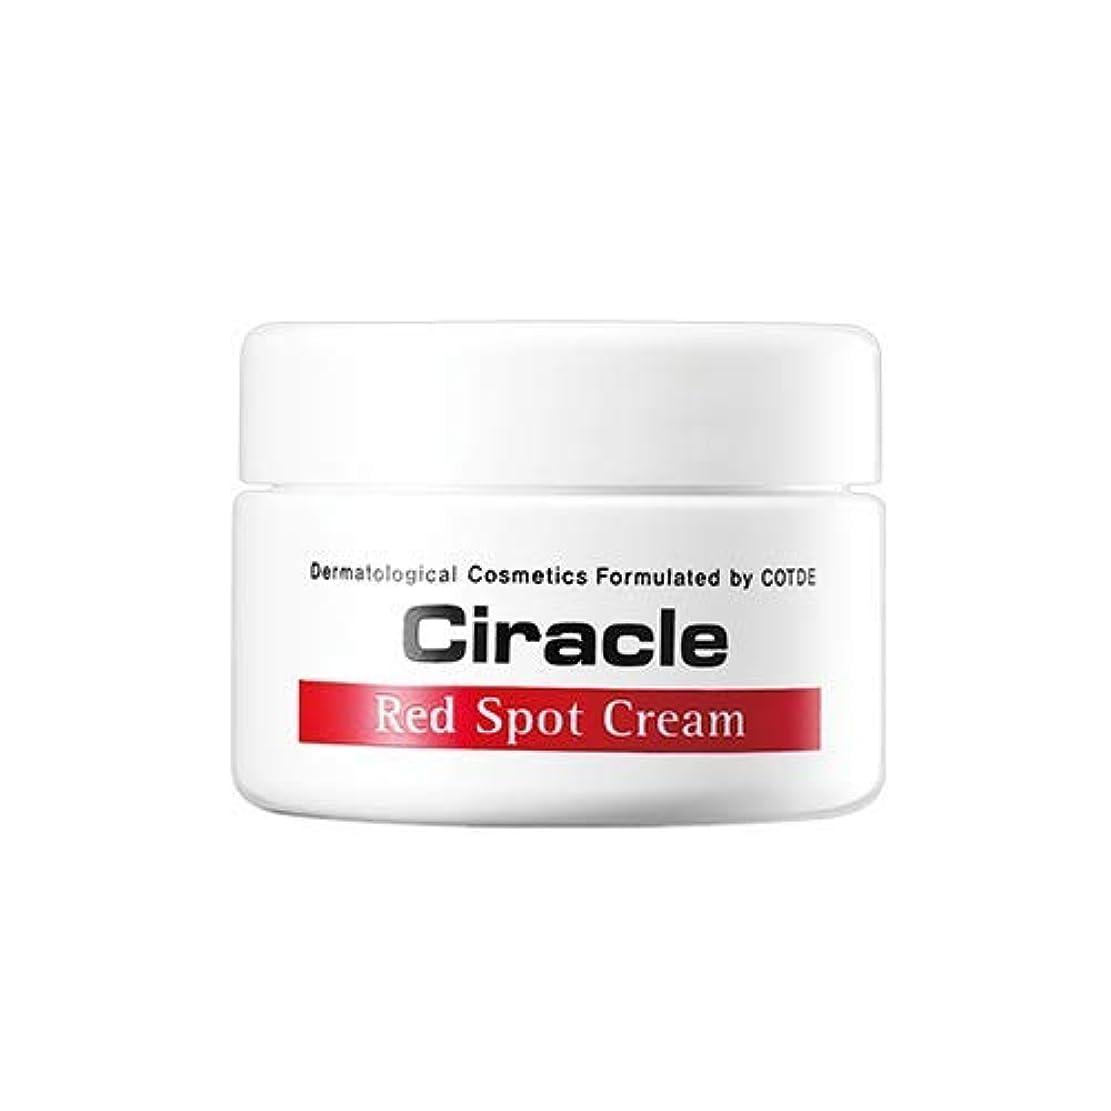 風味消費委員長Ciracle Red Spot Cream 30ml Trouble Skin Beauty Product by Skin Product [並行輸入品]